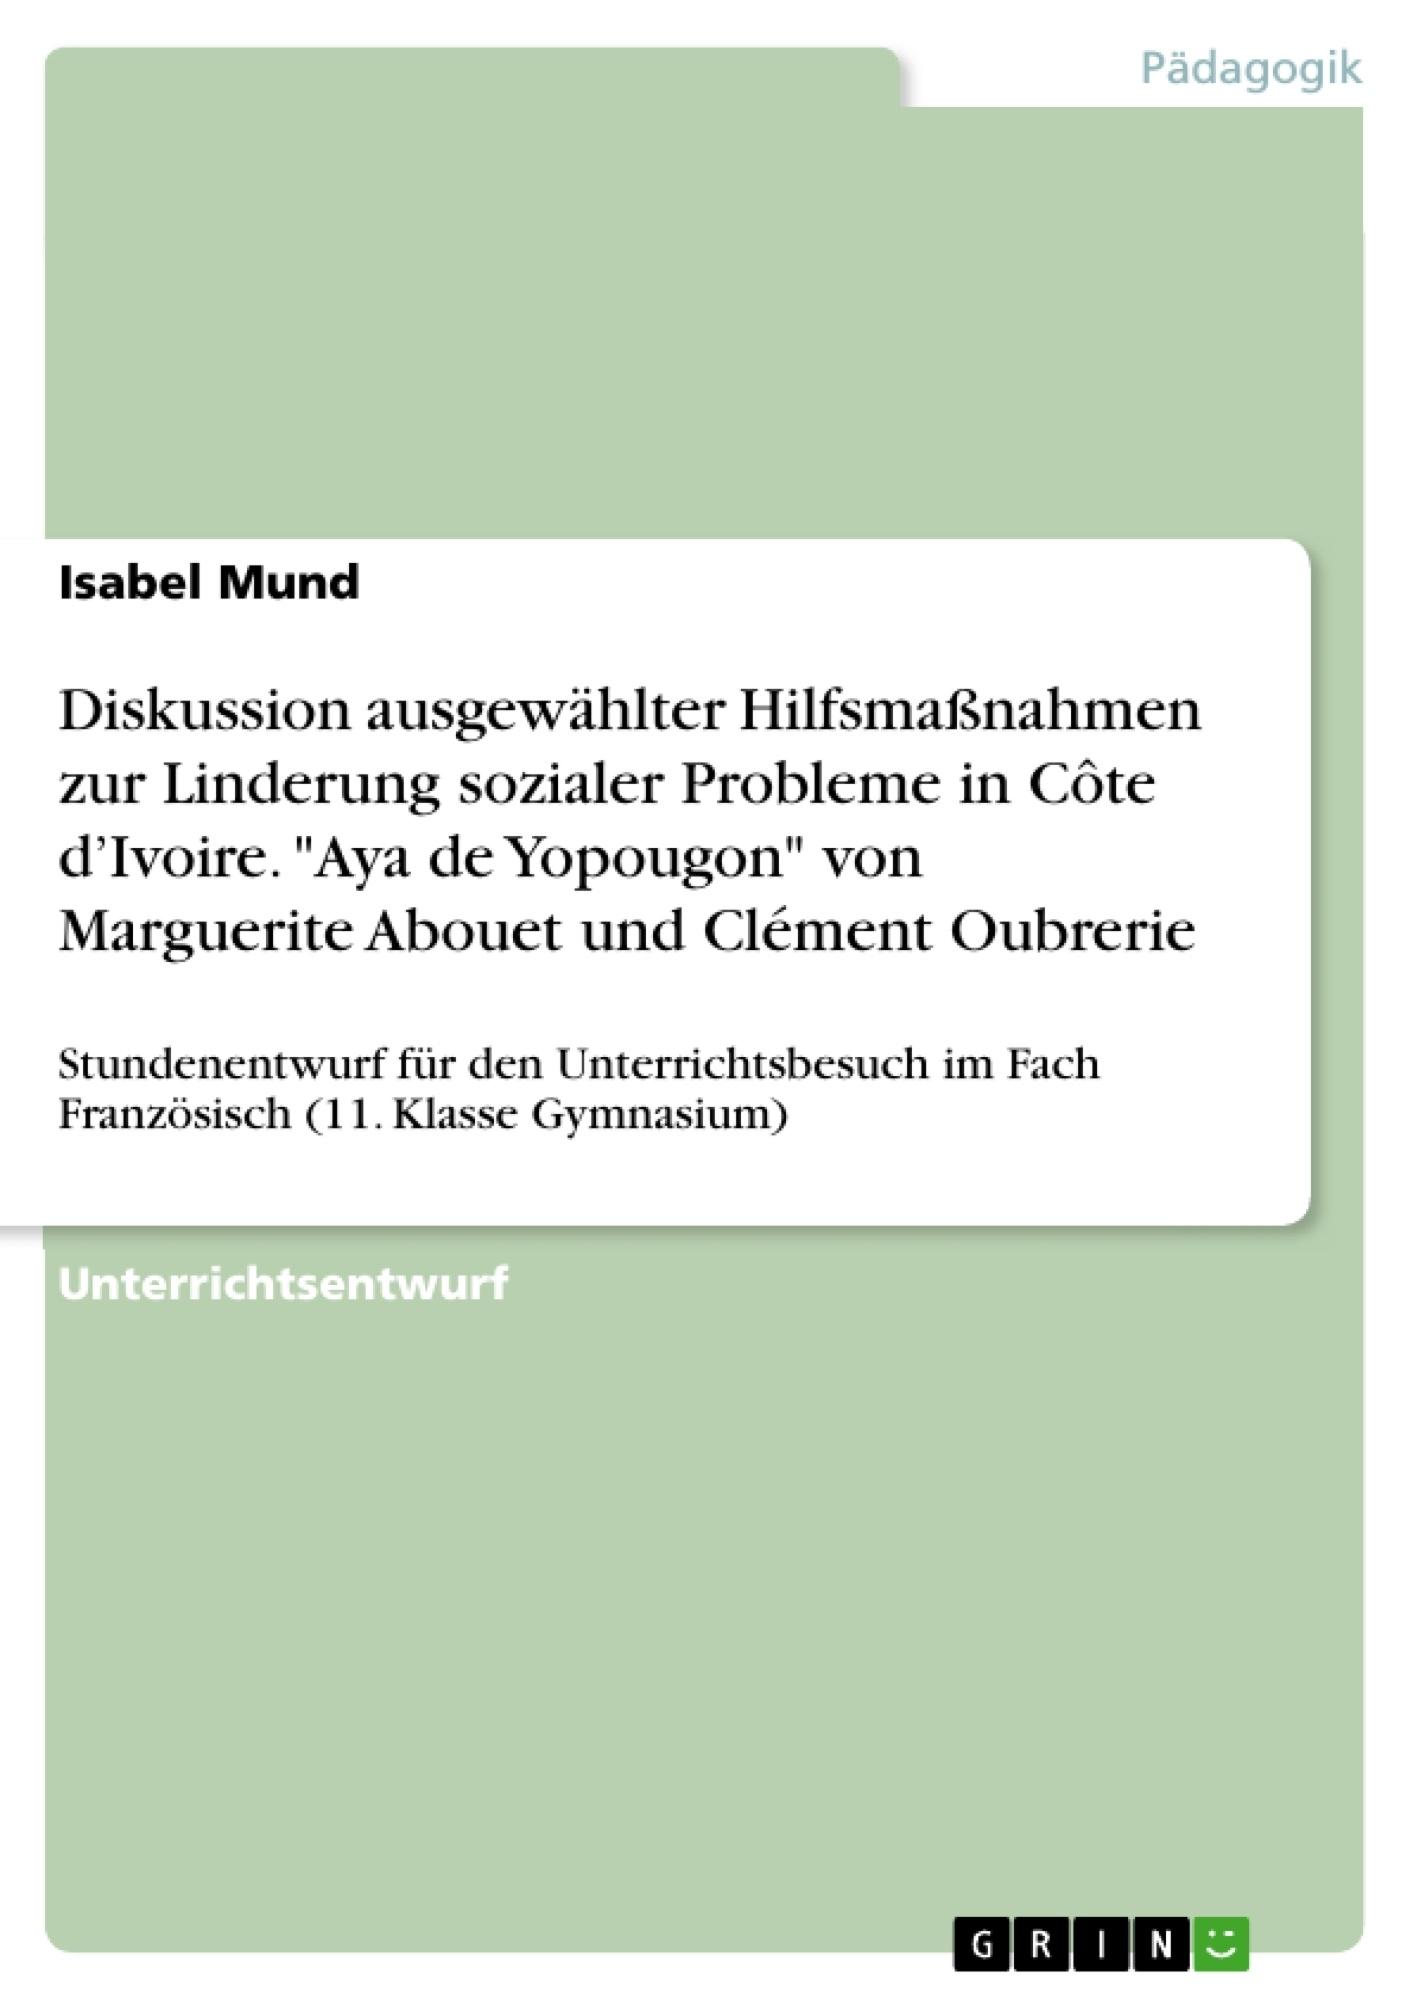 """Titel: Diskussion ausgewählter Hilfsmaßnahmen zur Linderung sozialer Probleme in Côte d'Ivoire. """"Aya de Yopougon"""" von Marguerite Abouet und Clément Oubrerie"""